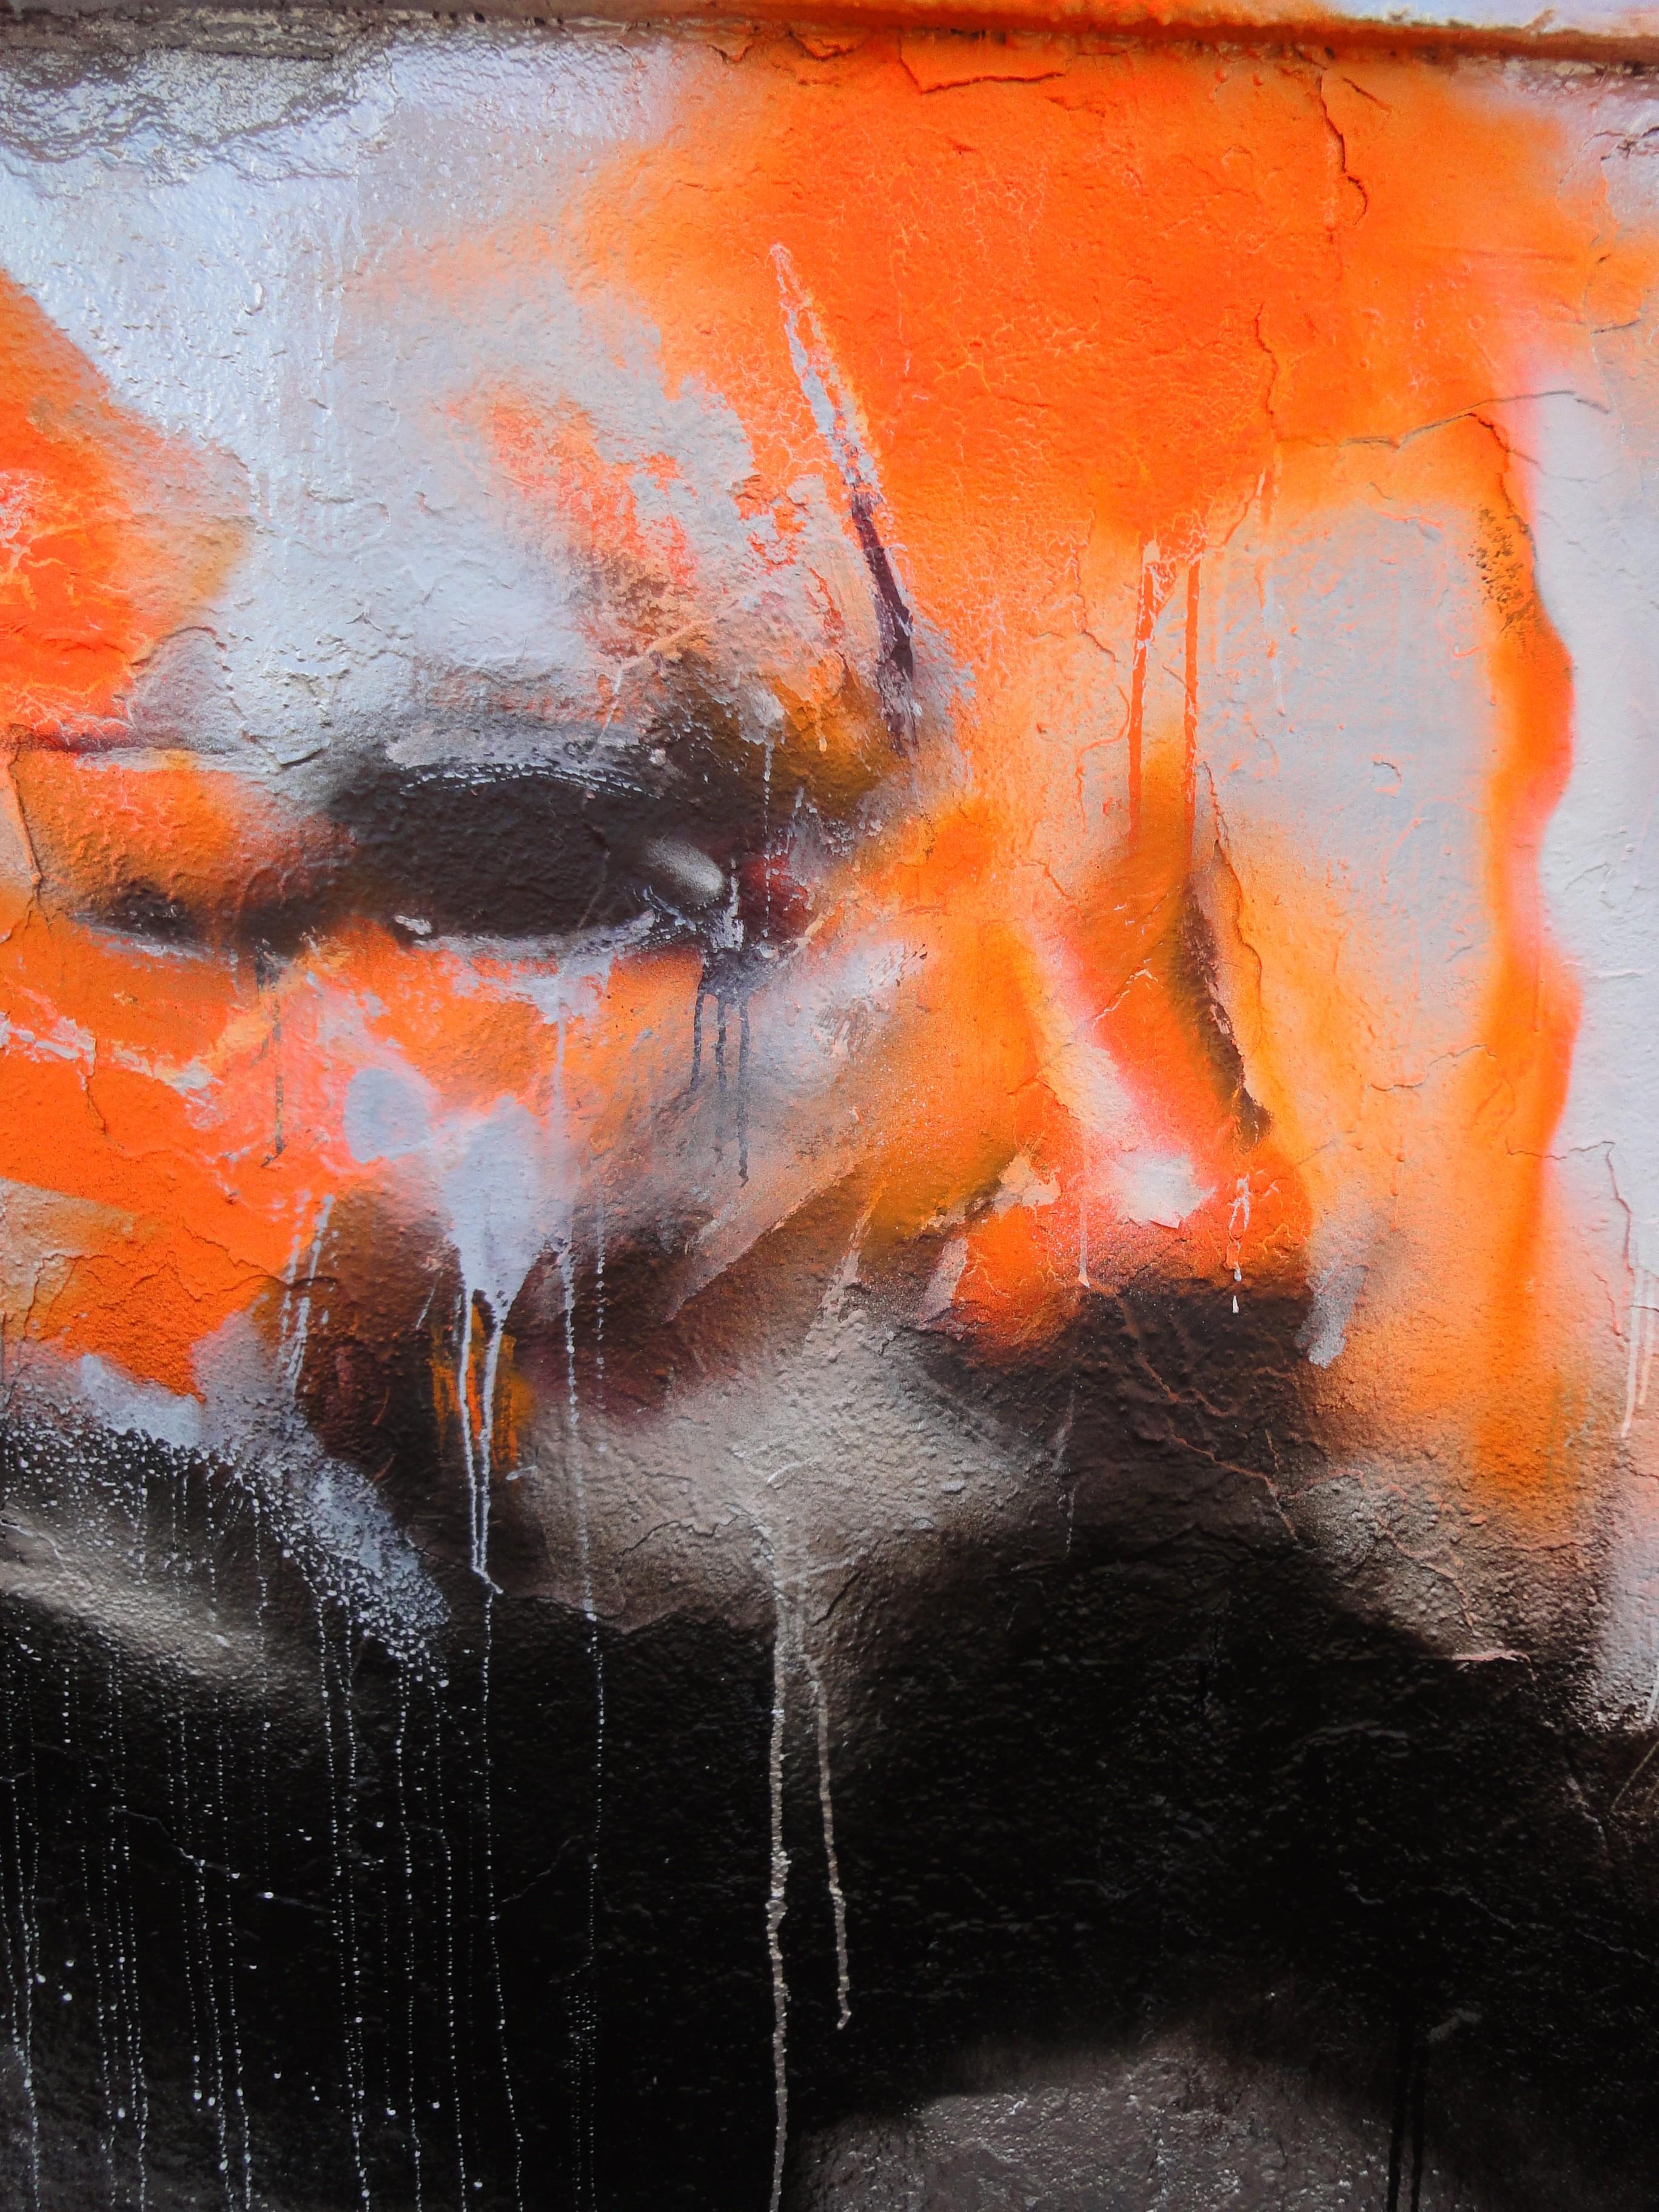 Antistatik Walls Update Graffuturism